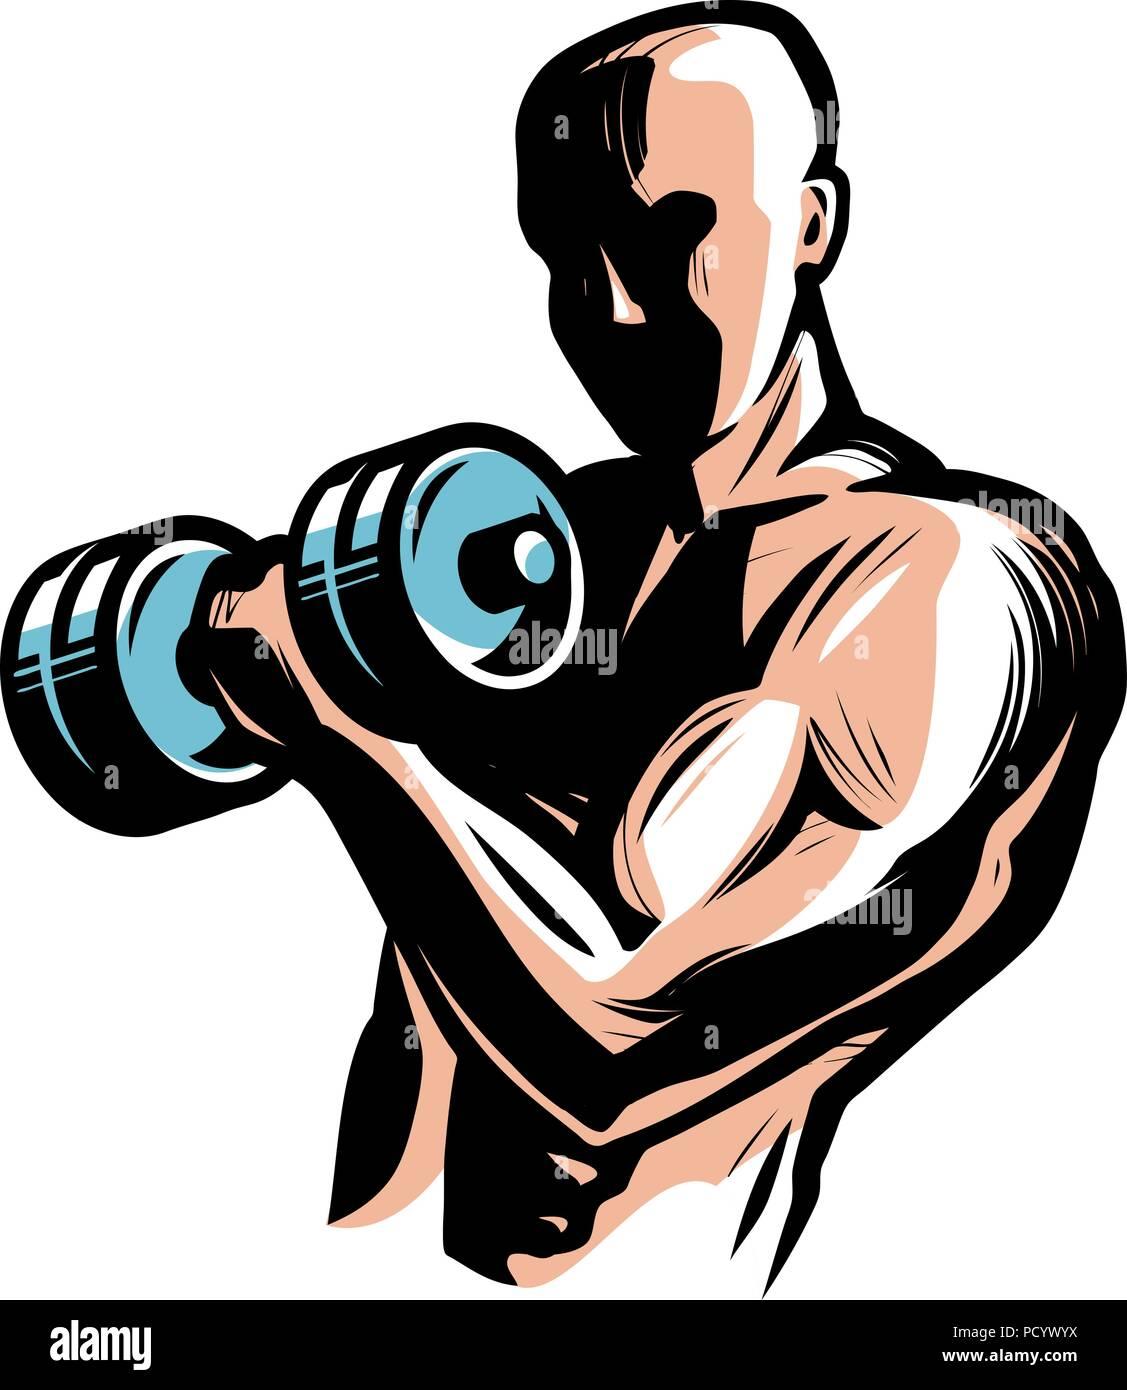 Fuerte athletic hombre levanta pesas pesadas con sus manos. Gimnasio, body-building concept. Ilustración vectorial Imagen De Stock